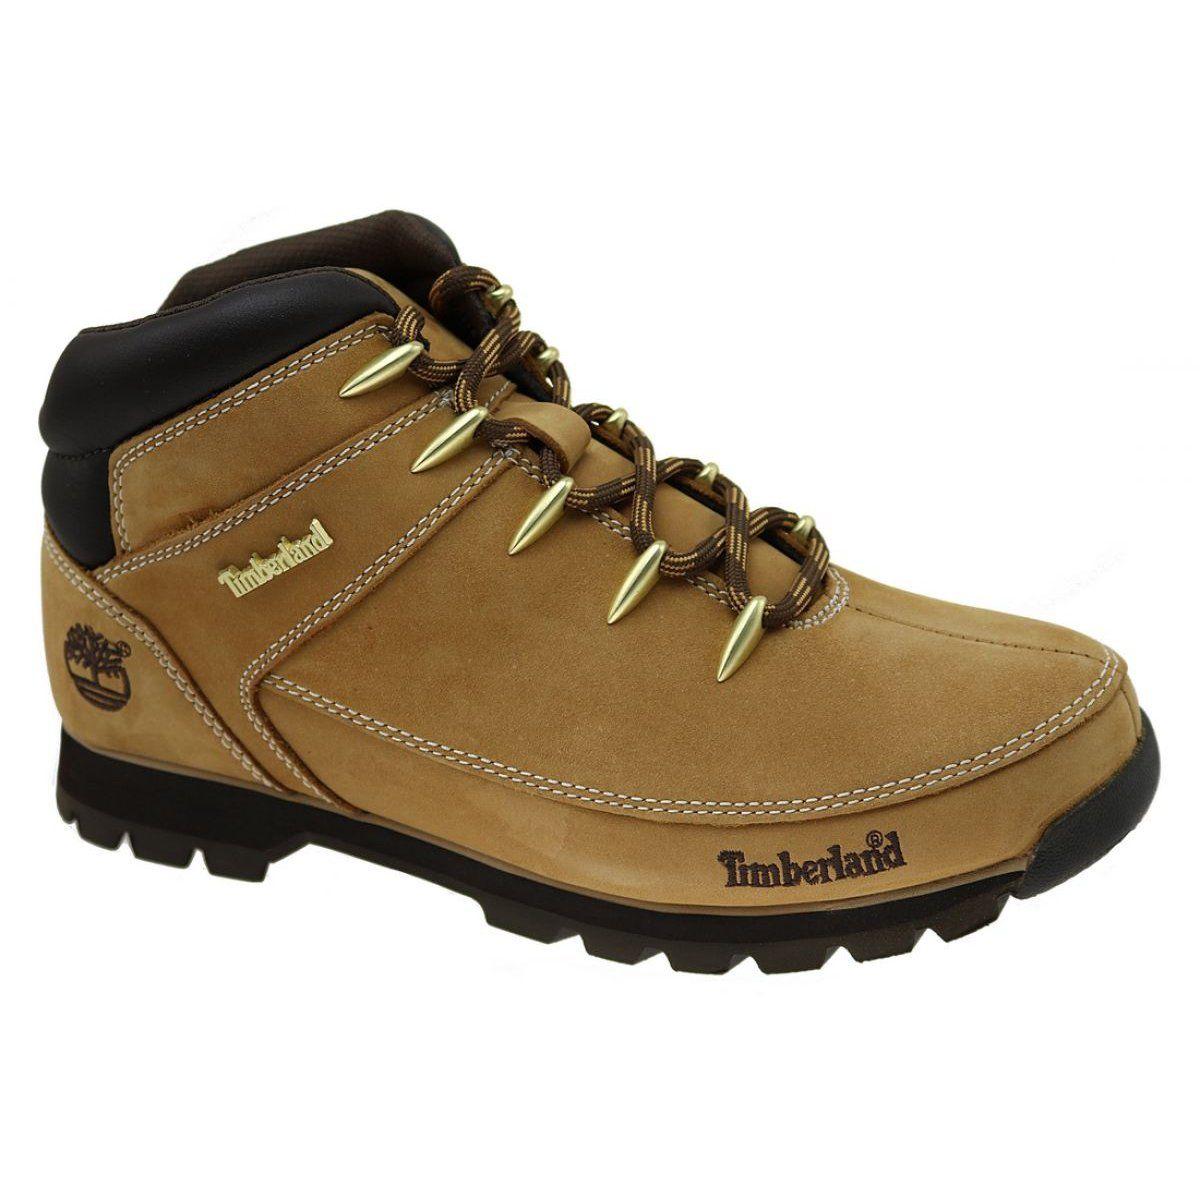 Buty Zimowe Timberland Euro Sprint Hiker M A122i Brazowe Winter Shoes Timberland Euro Timberland Winter Boots